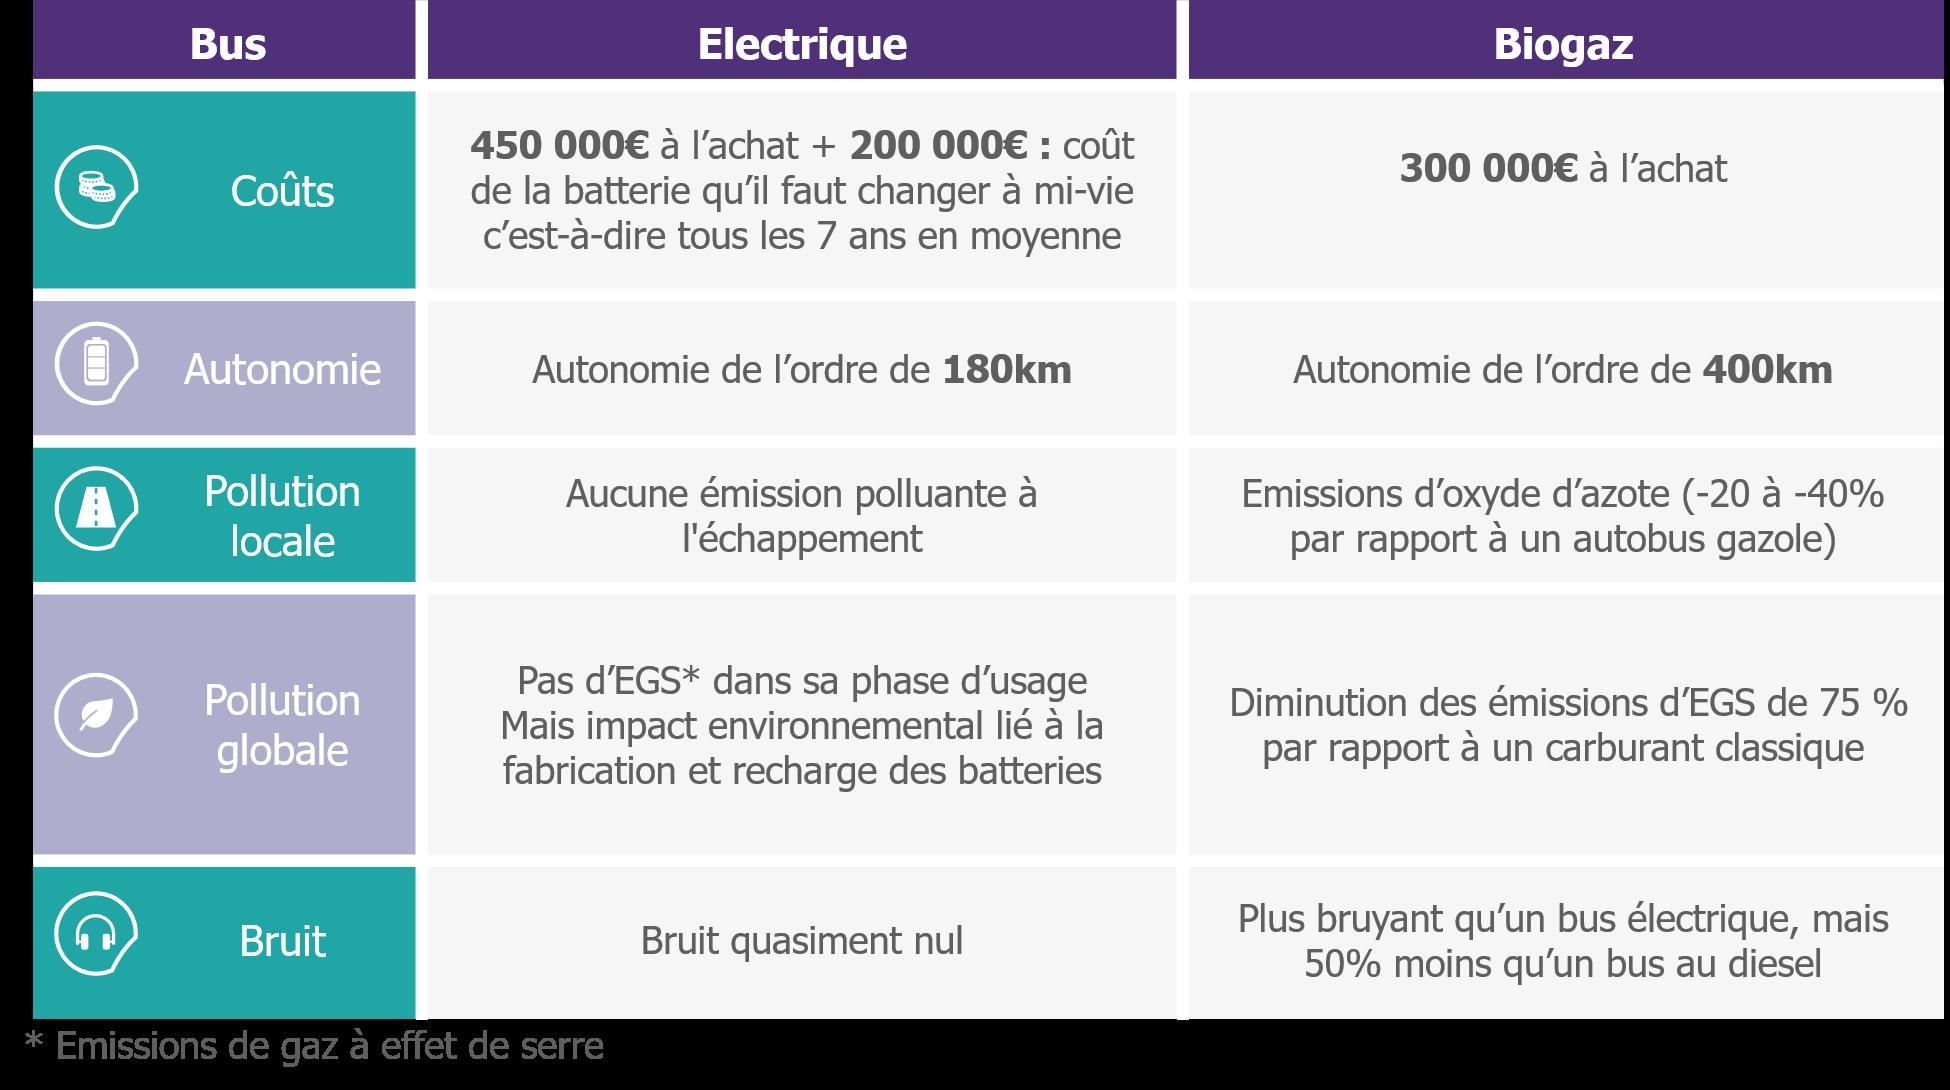 Caractéristiques des véhicules électriques et fonctionnant au biogaz